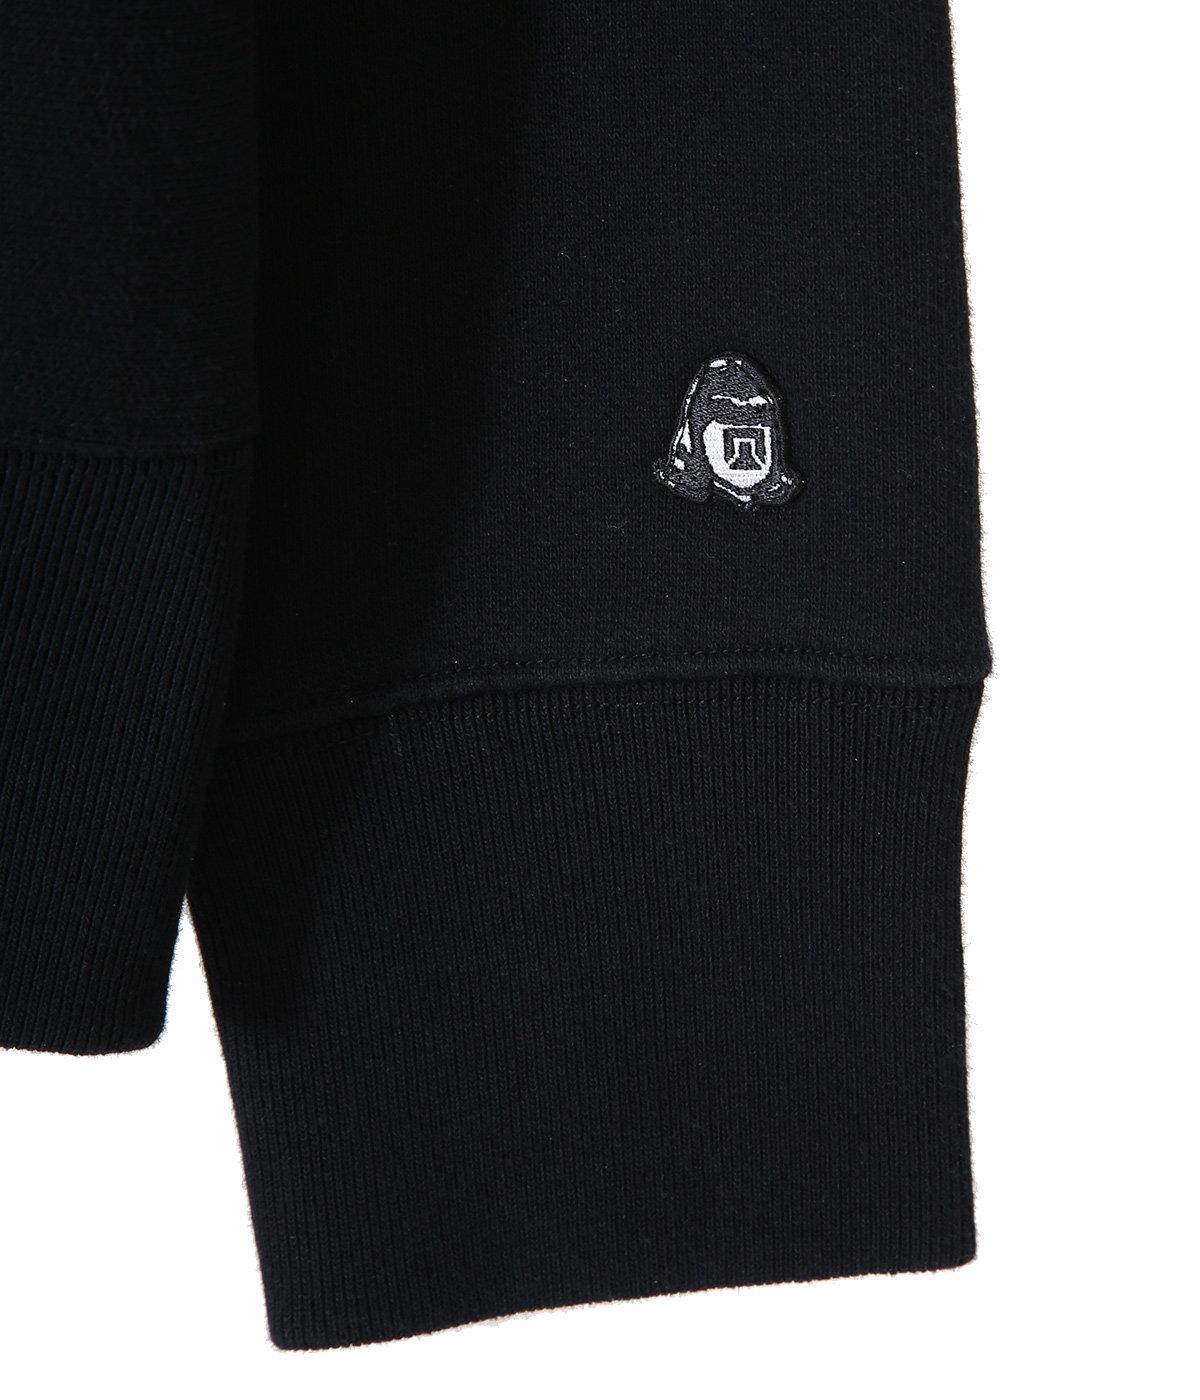 HANDWRITING embroidery HOODIE